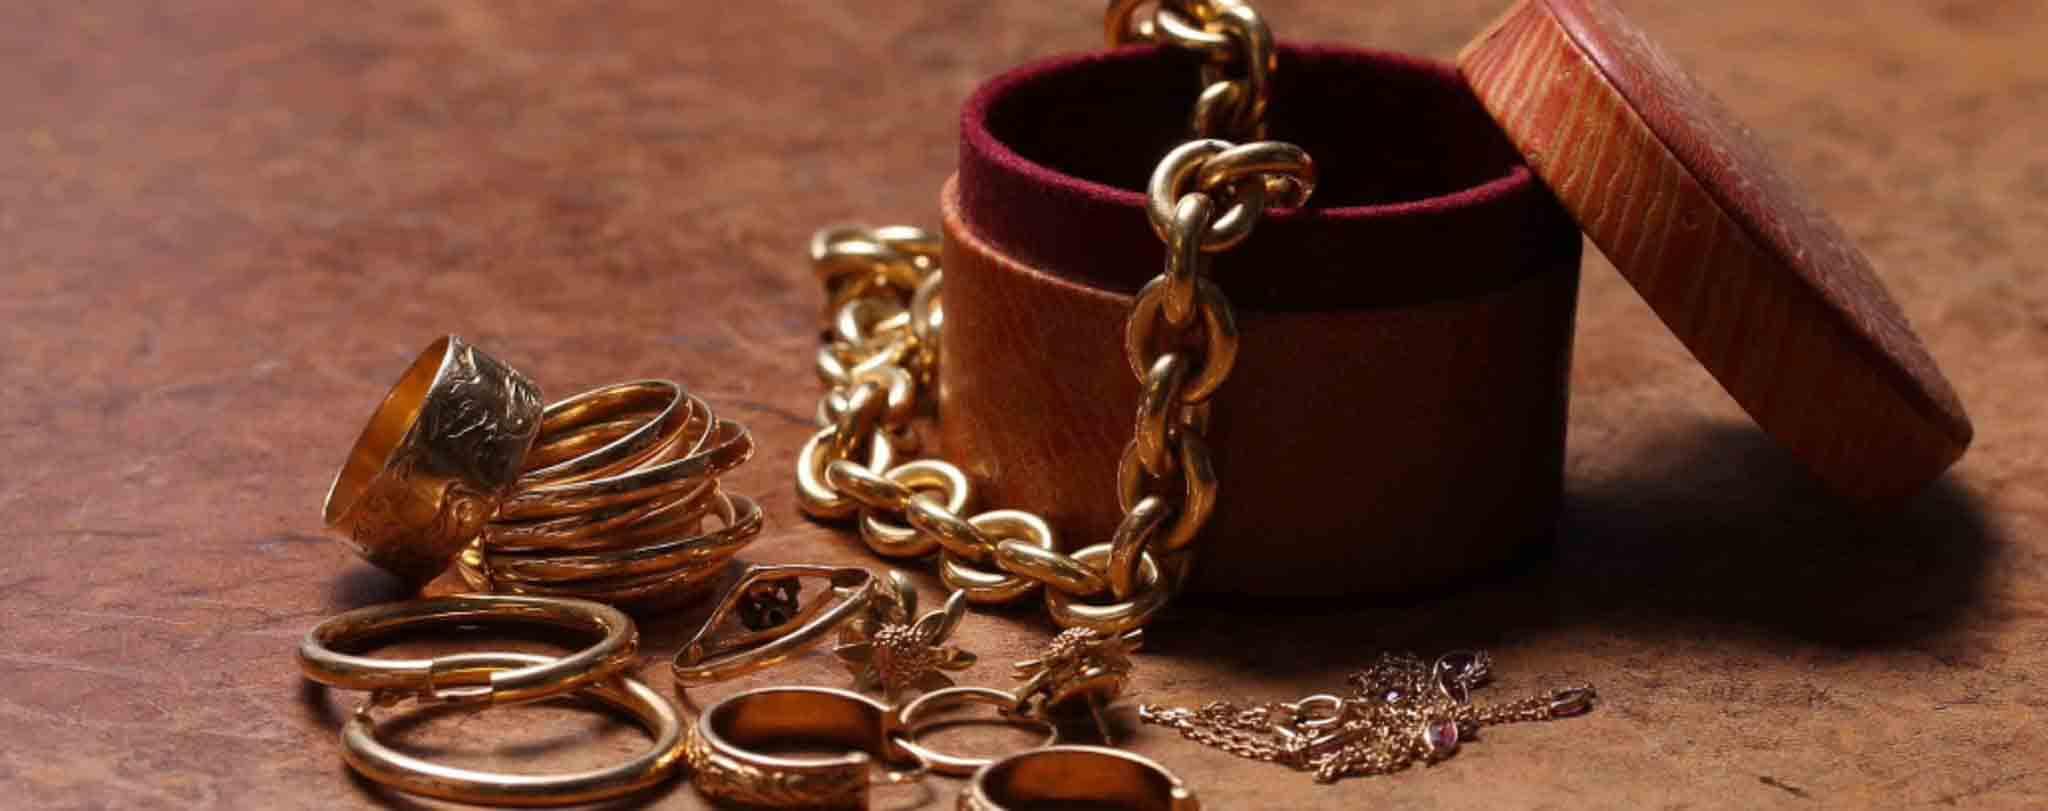 achat or bijoux